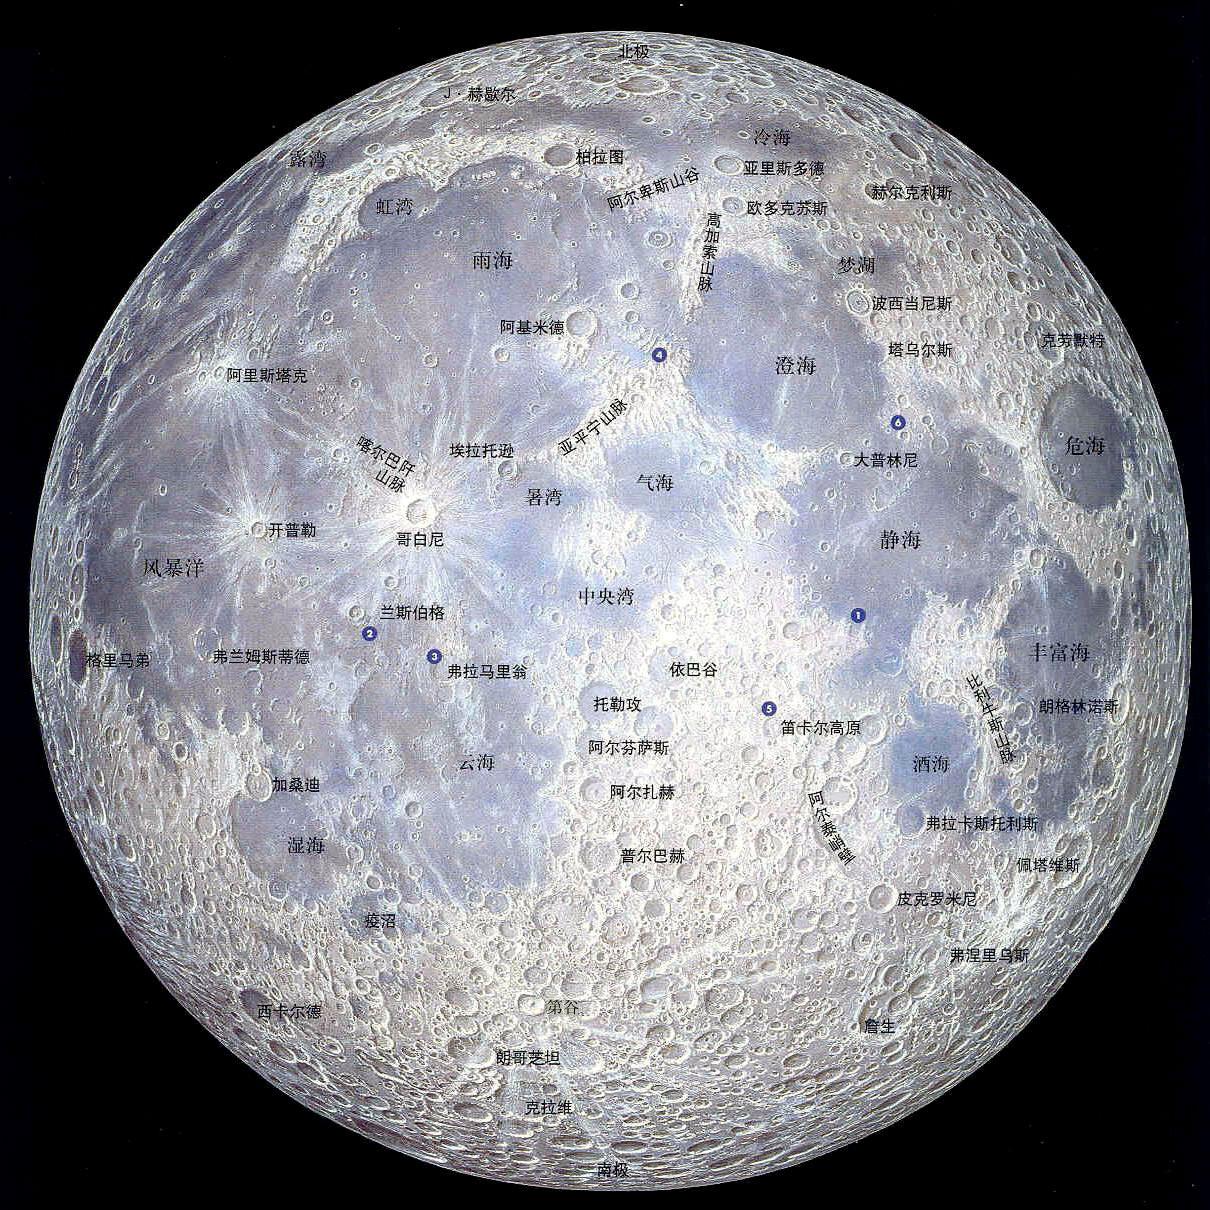 在遥望,月亮之上 - KK - 开新320地博空间